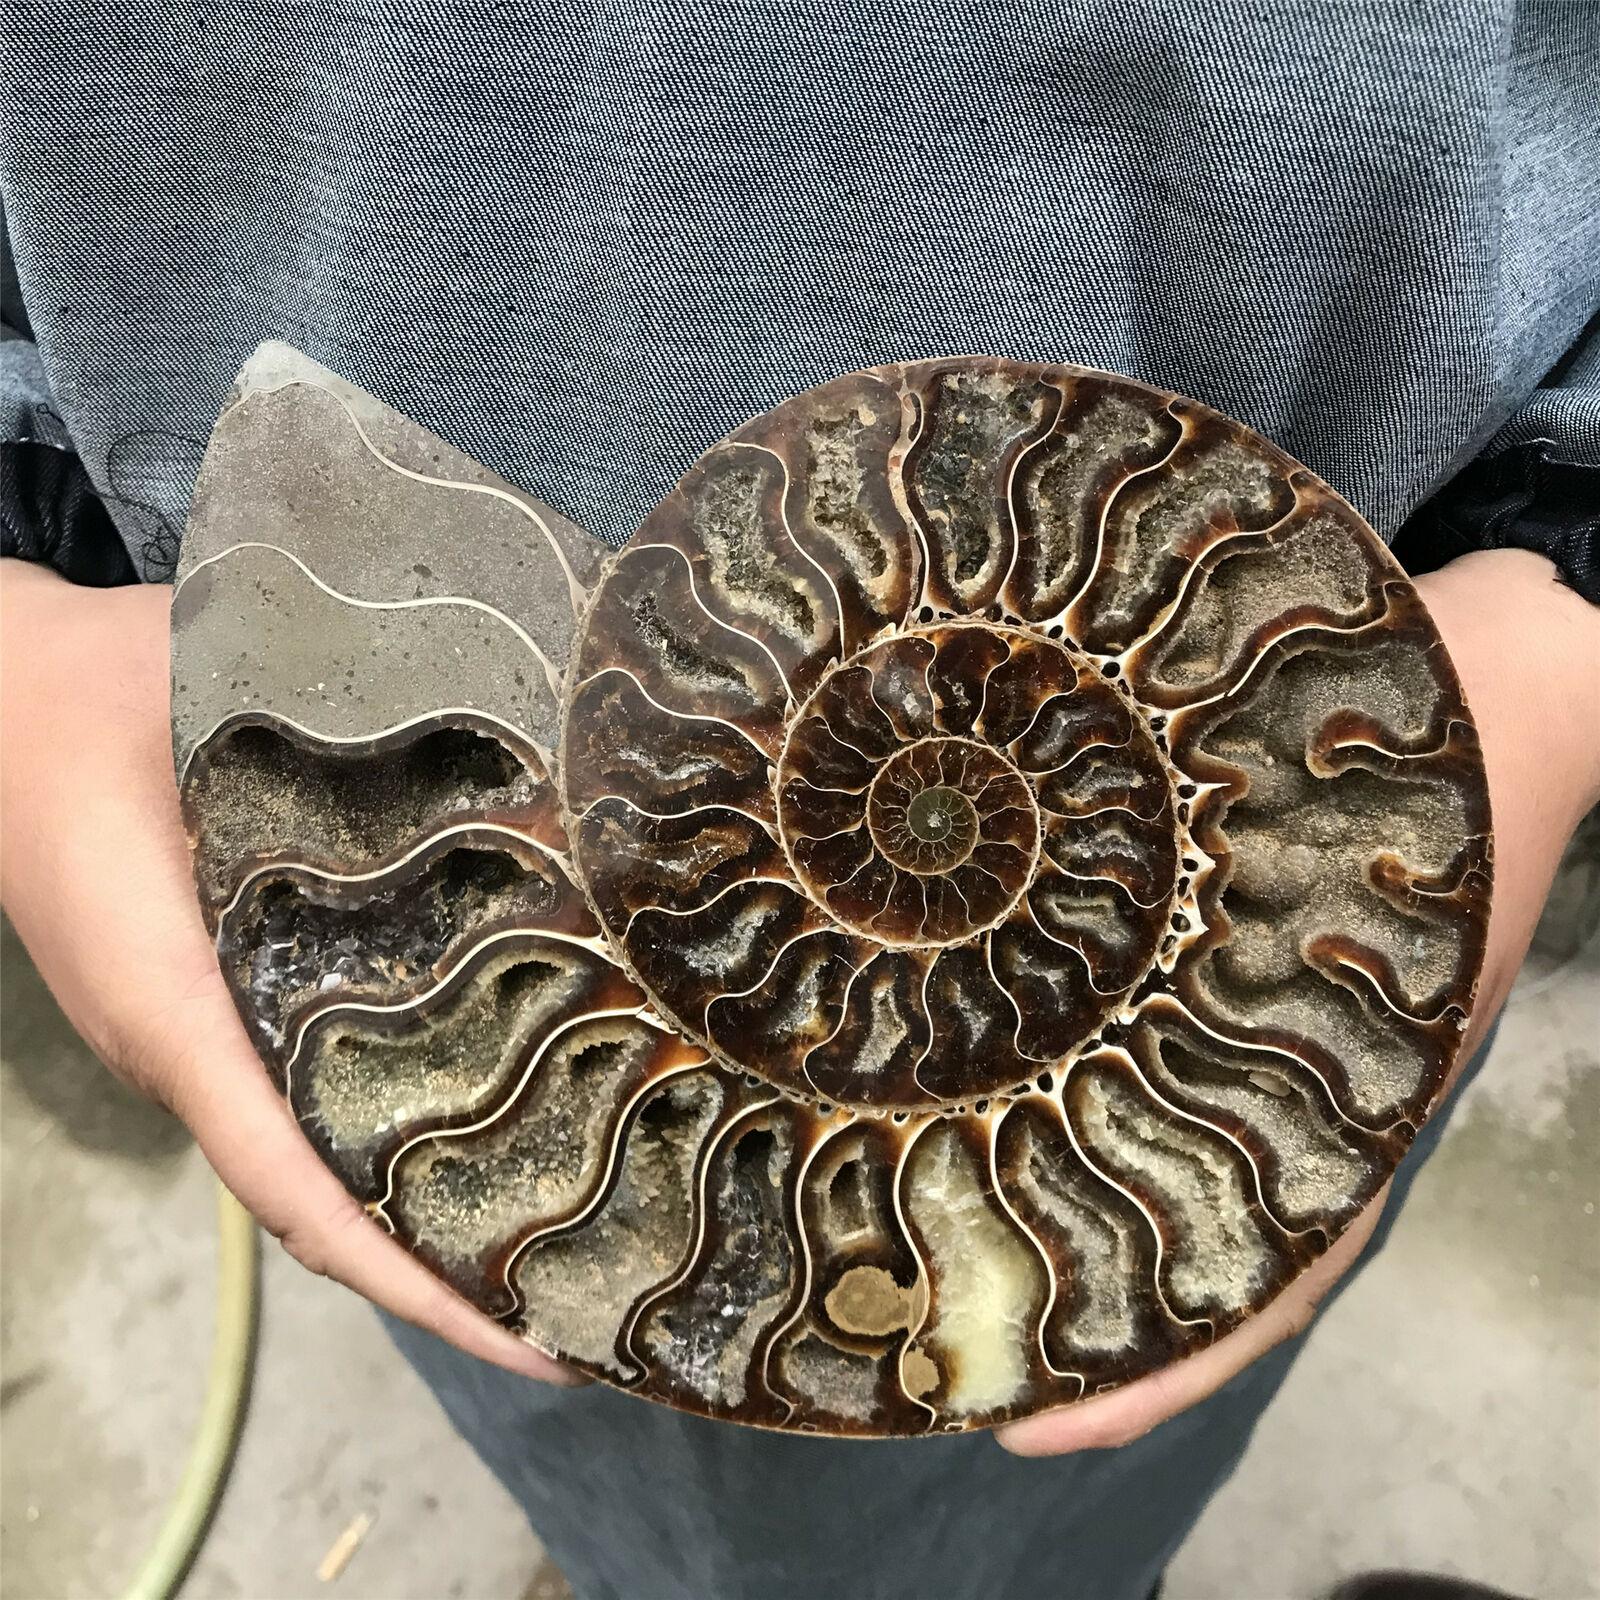 200-800g grandes fósseis de madagascar iridescente ammonite pedras naturais e minerais espécime + suporte